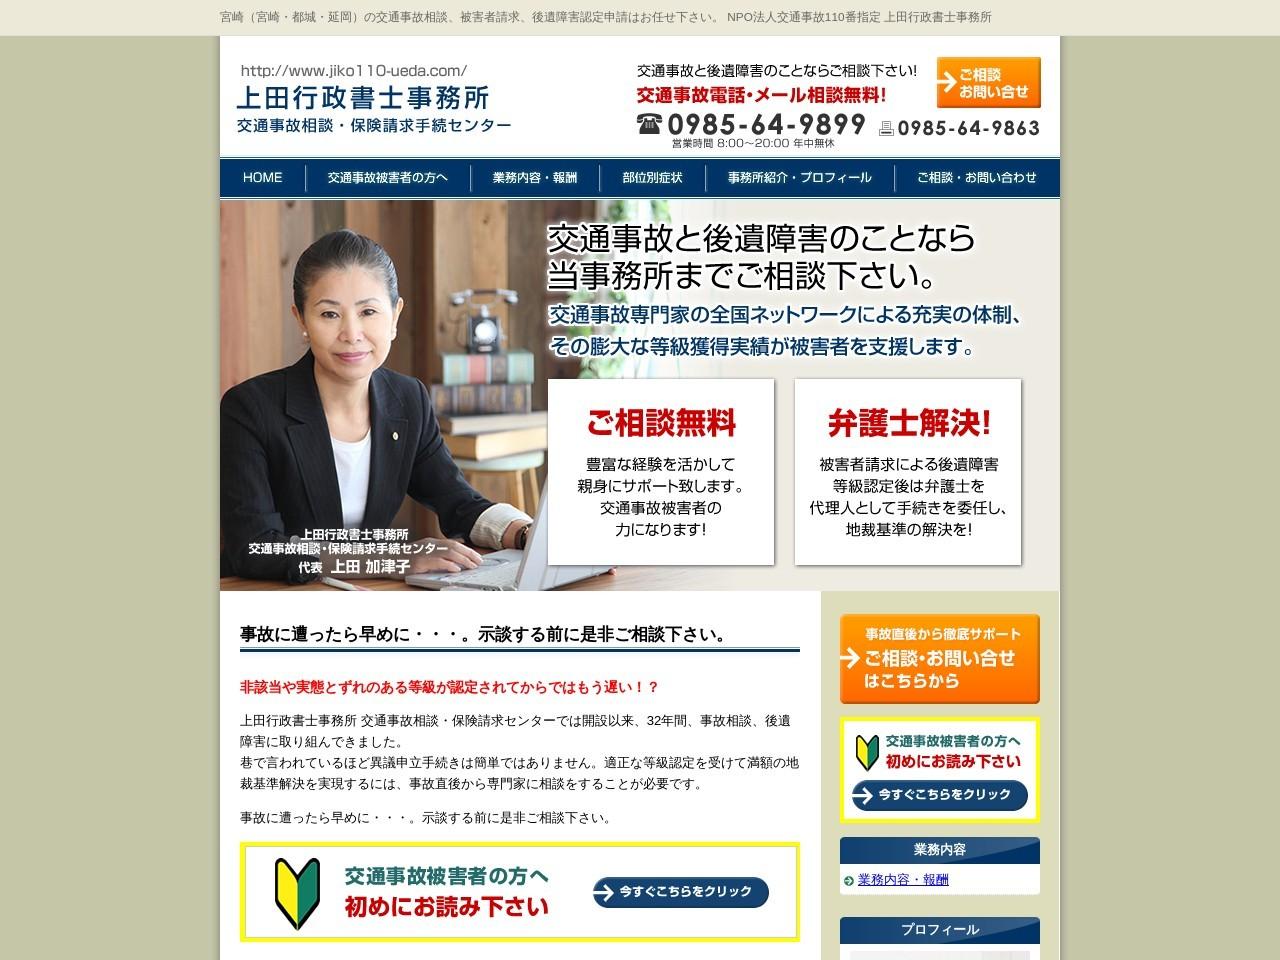 上田行政書士事務所・交通事故相談保険請求手続センター